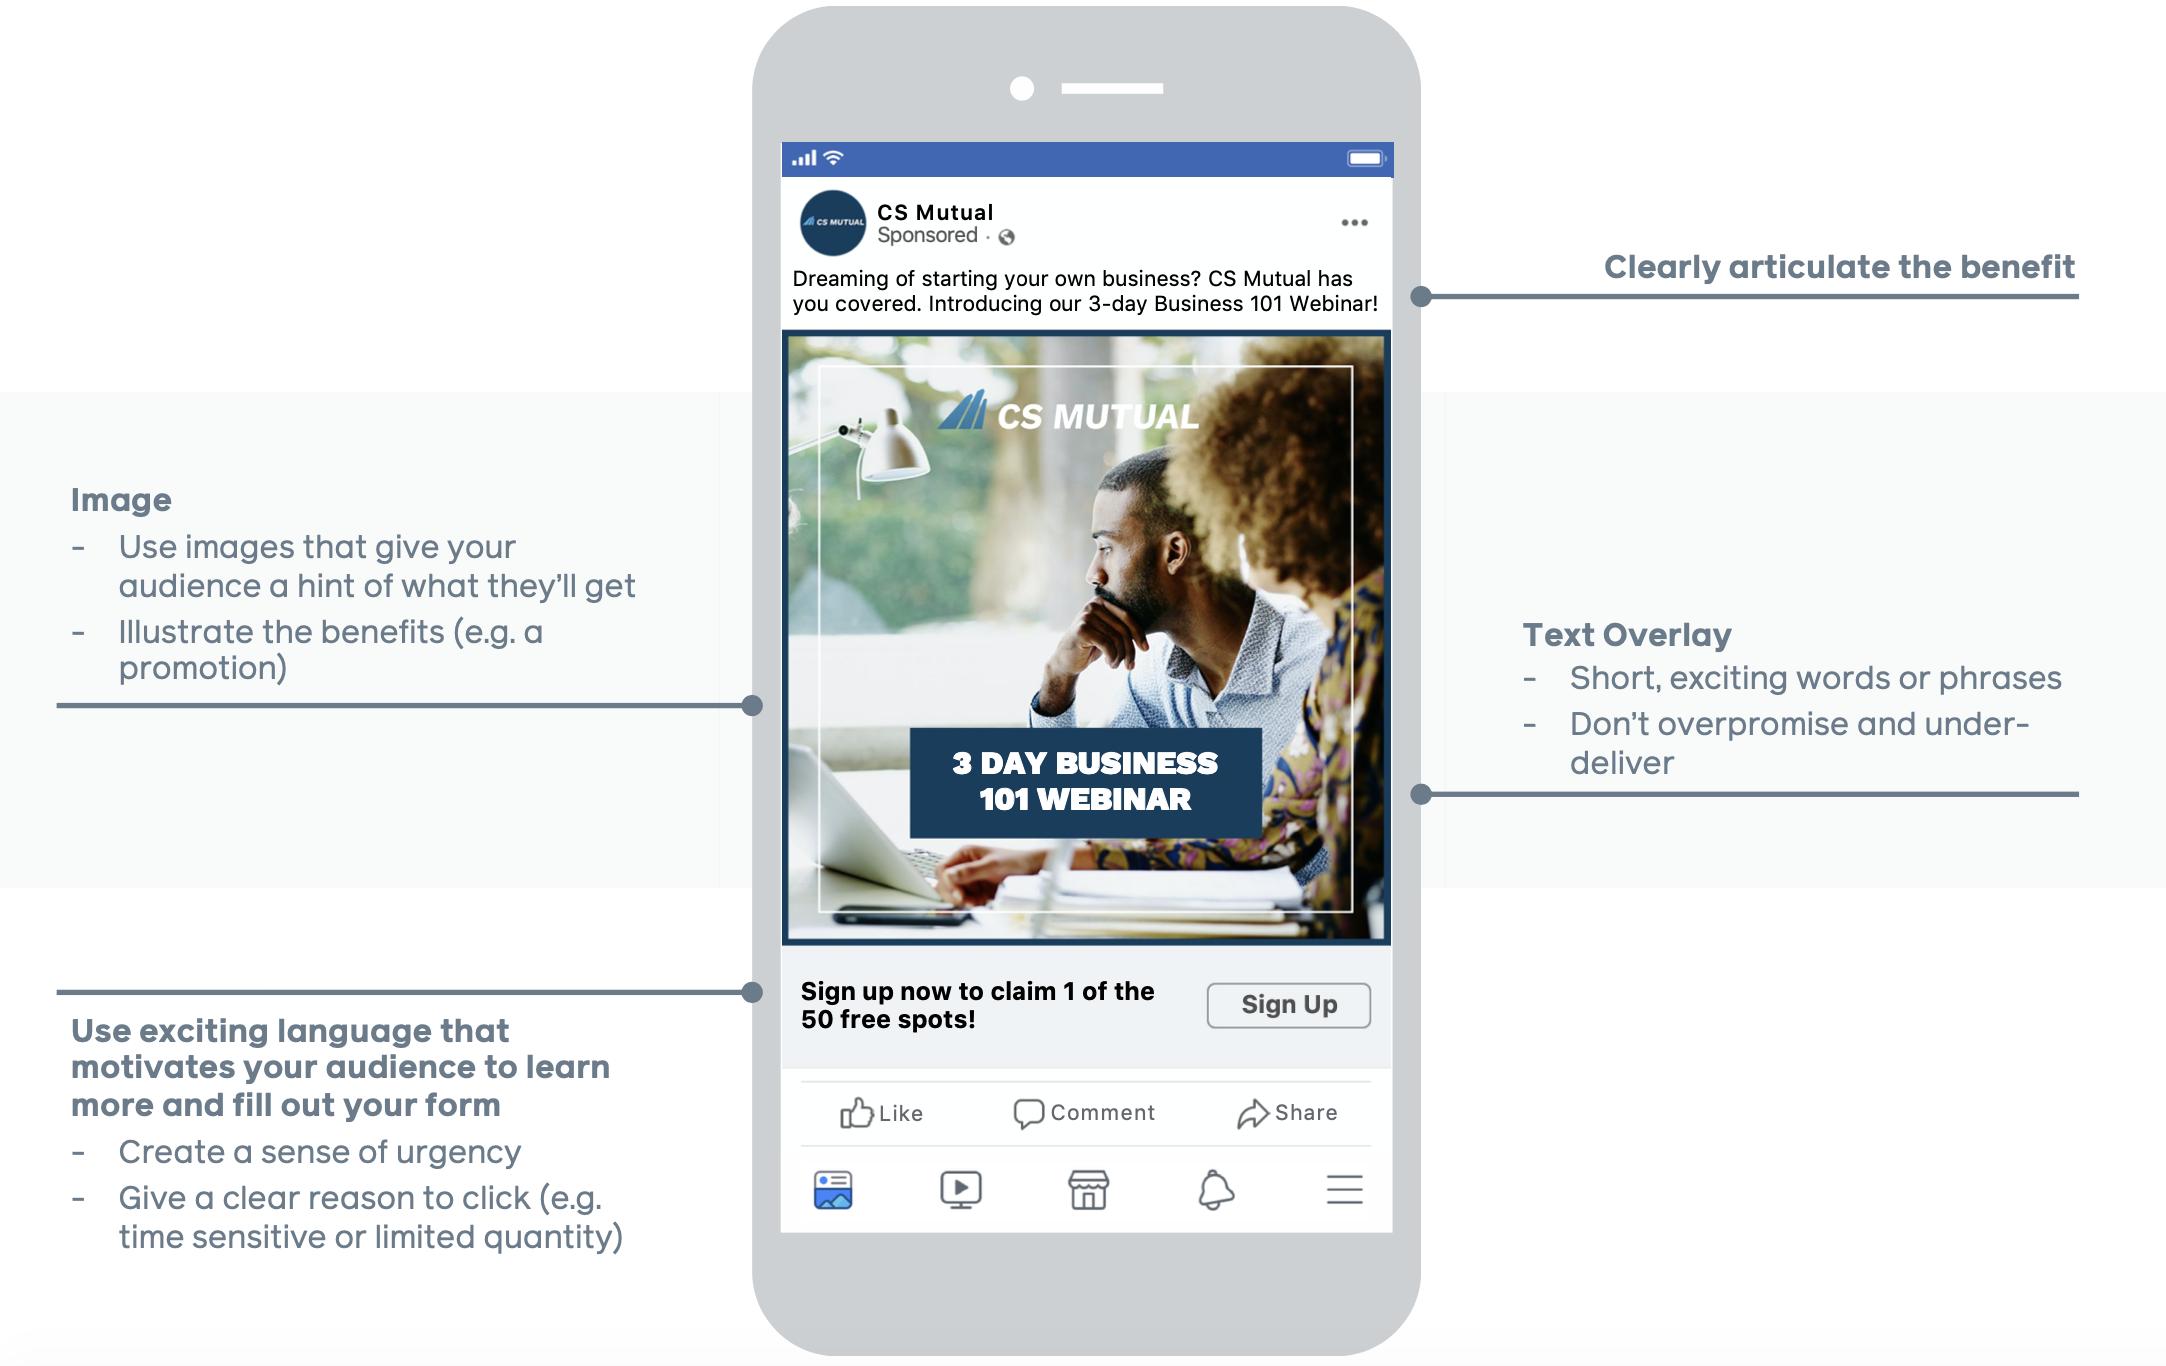 פייסבוק טיפים ליצירת לידים